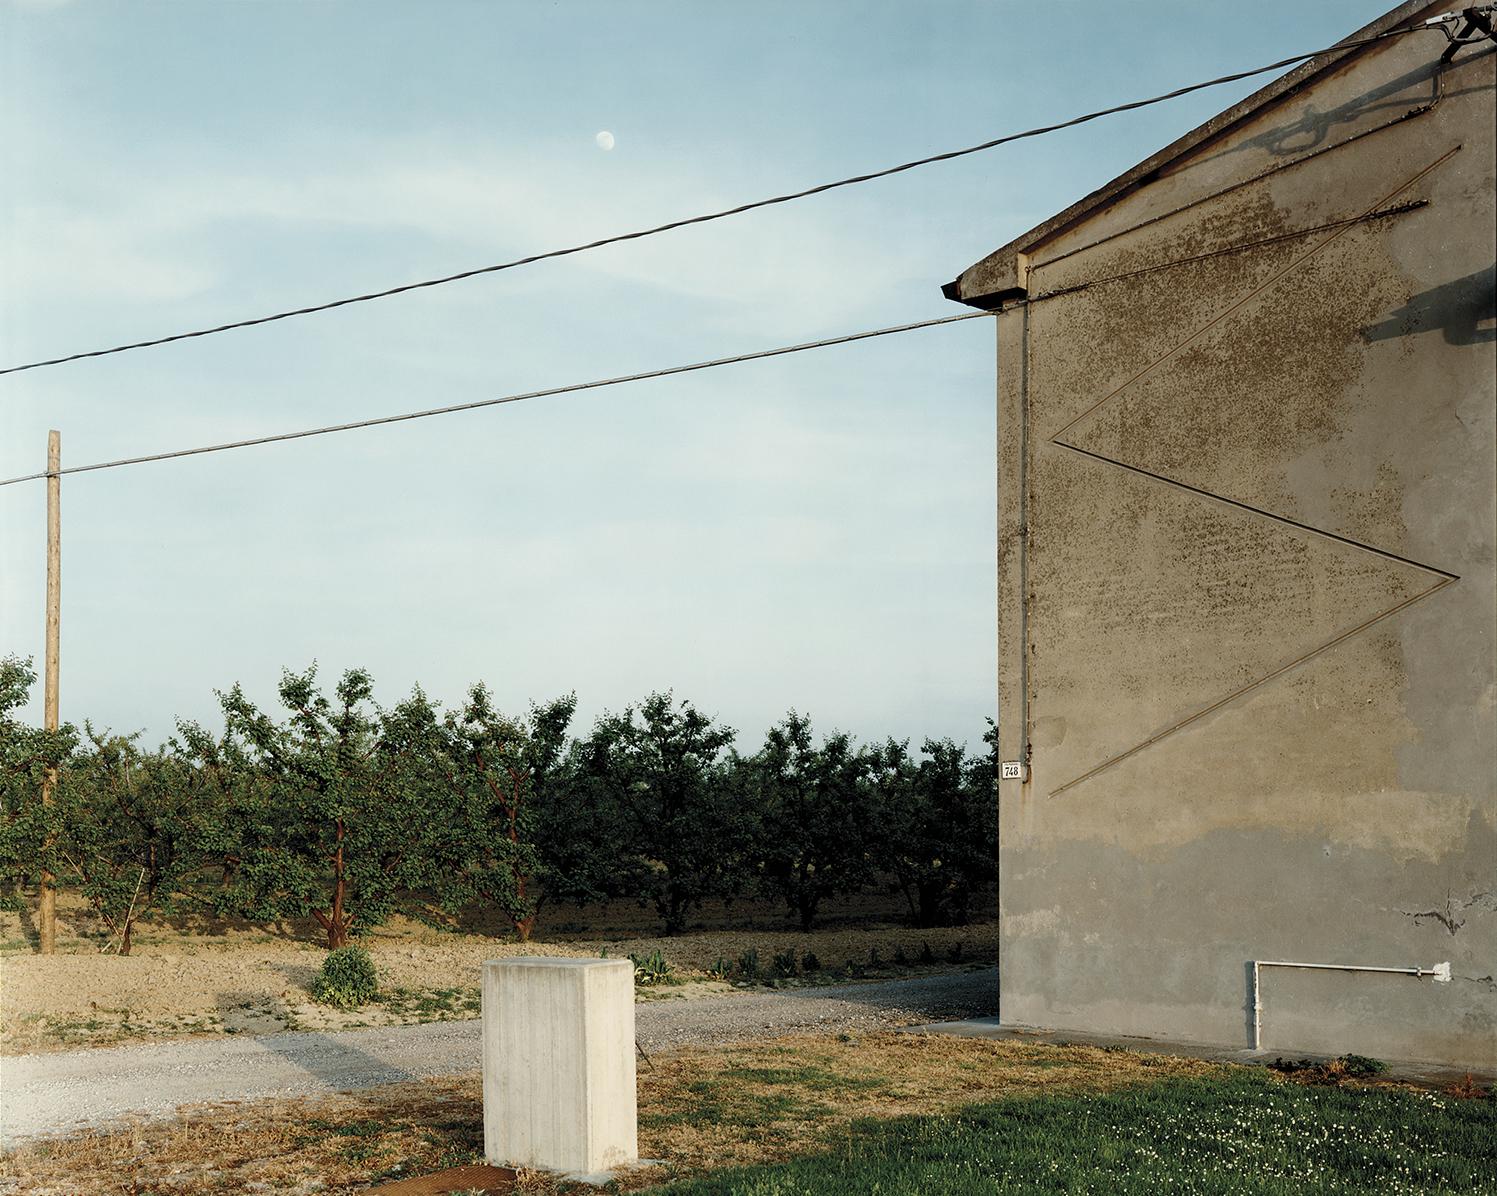 Guido Guidi, Via Mariana, Cesena